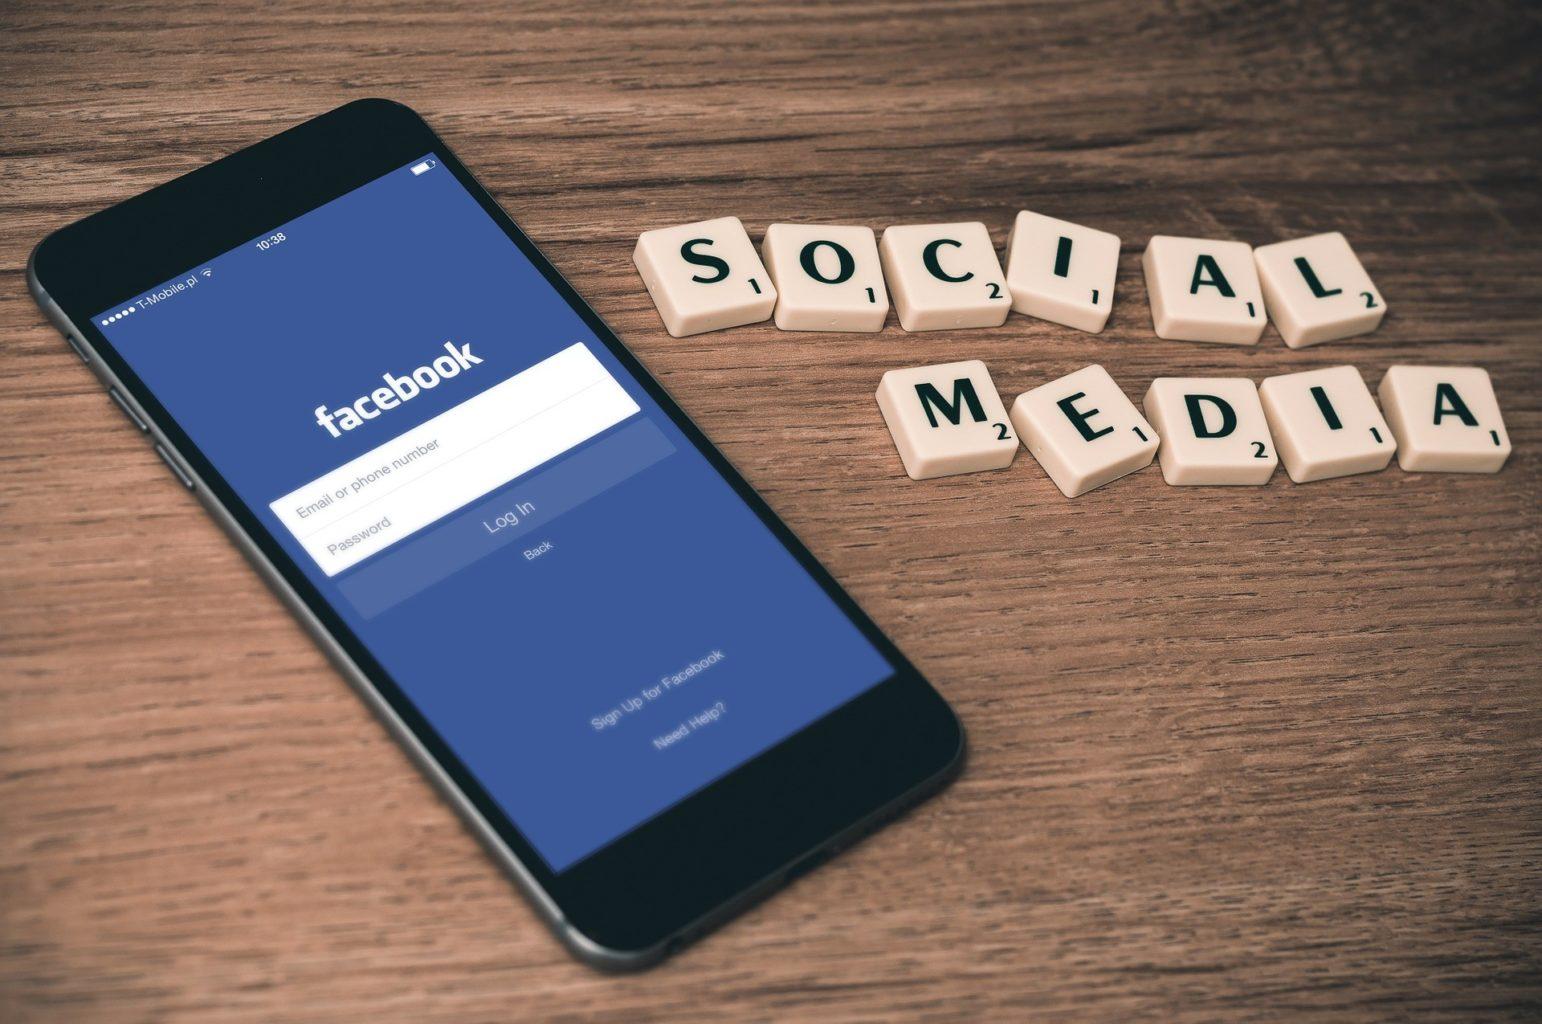 В Facebook произошла утечка данных полумиллиарда пользователей